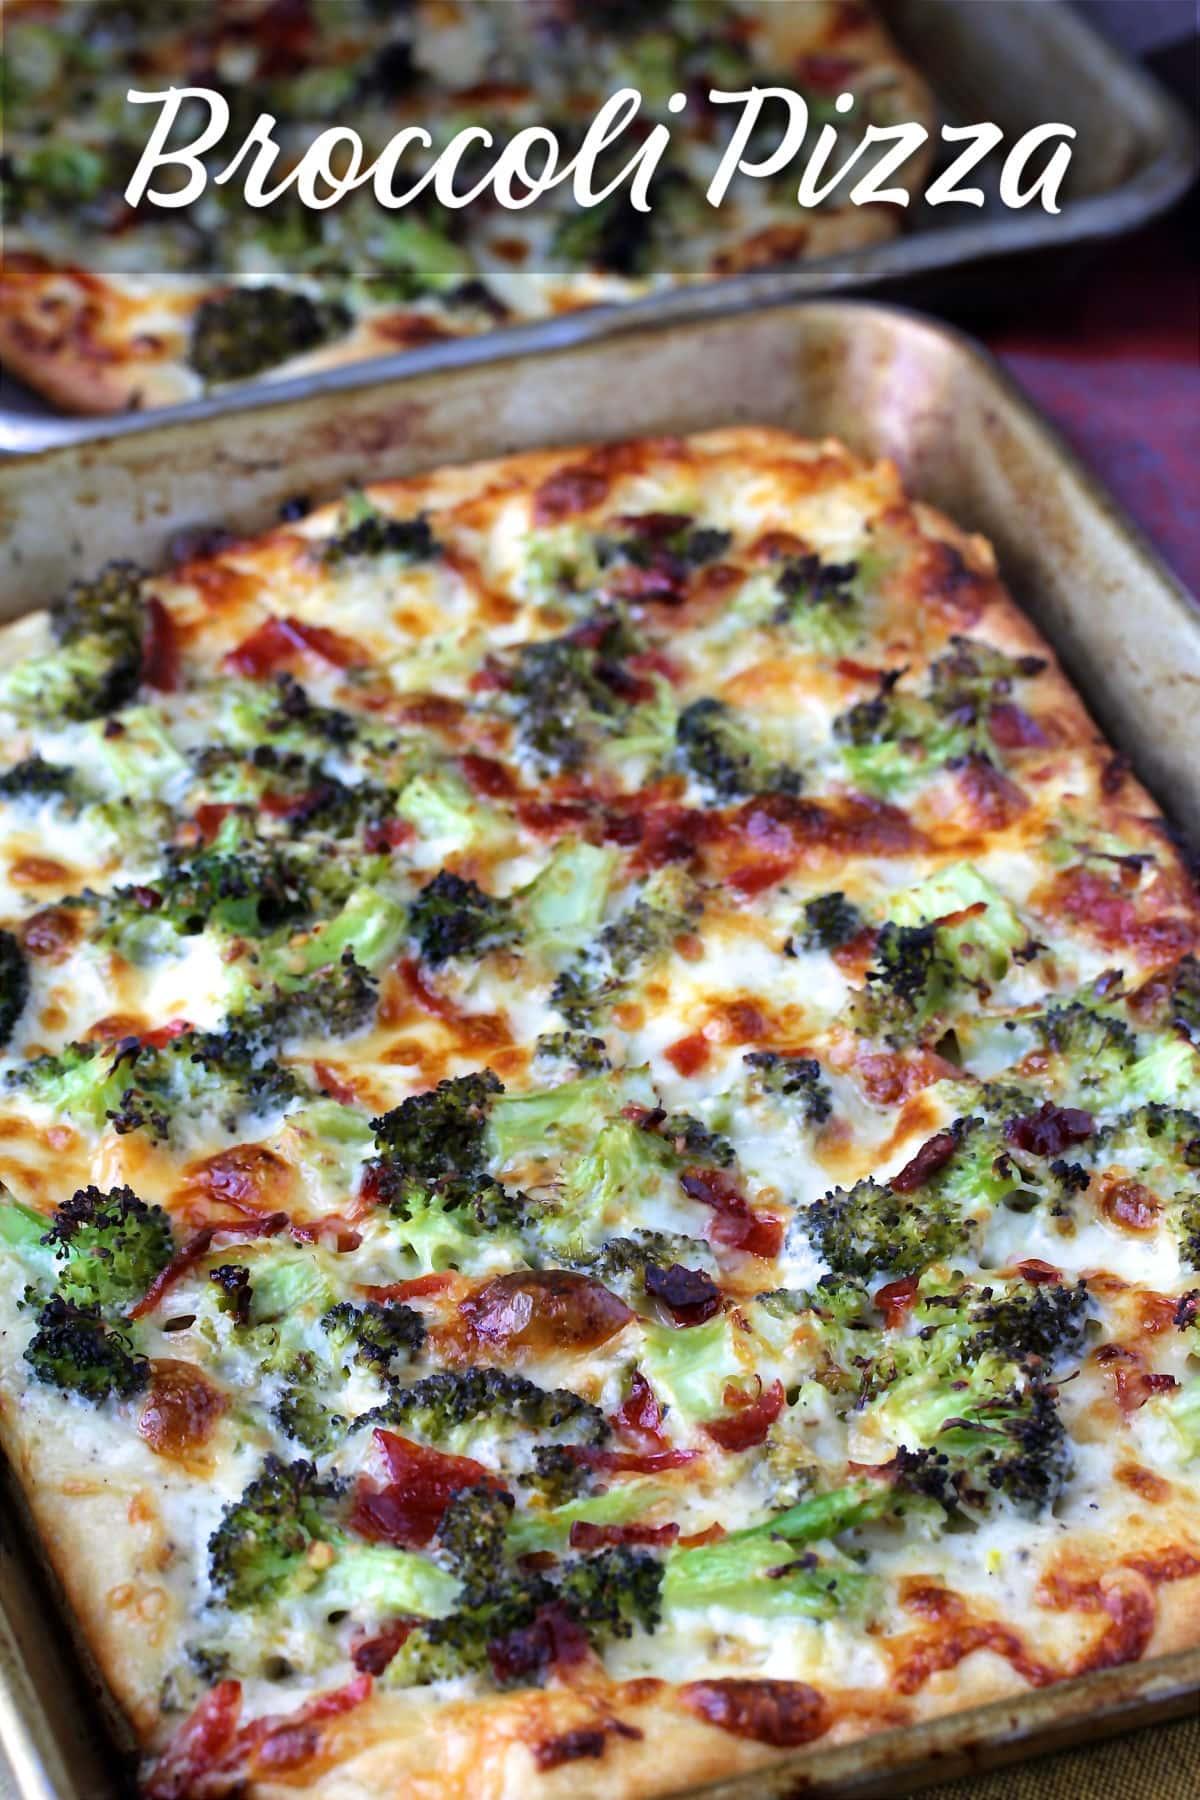 Broccoli Pizza with Provolone, Mozzarella, and Pecorino Romano